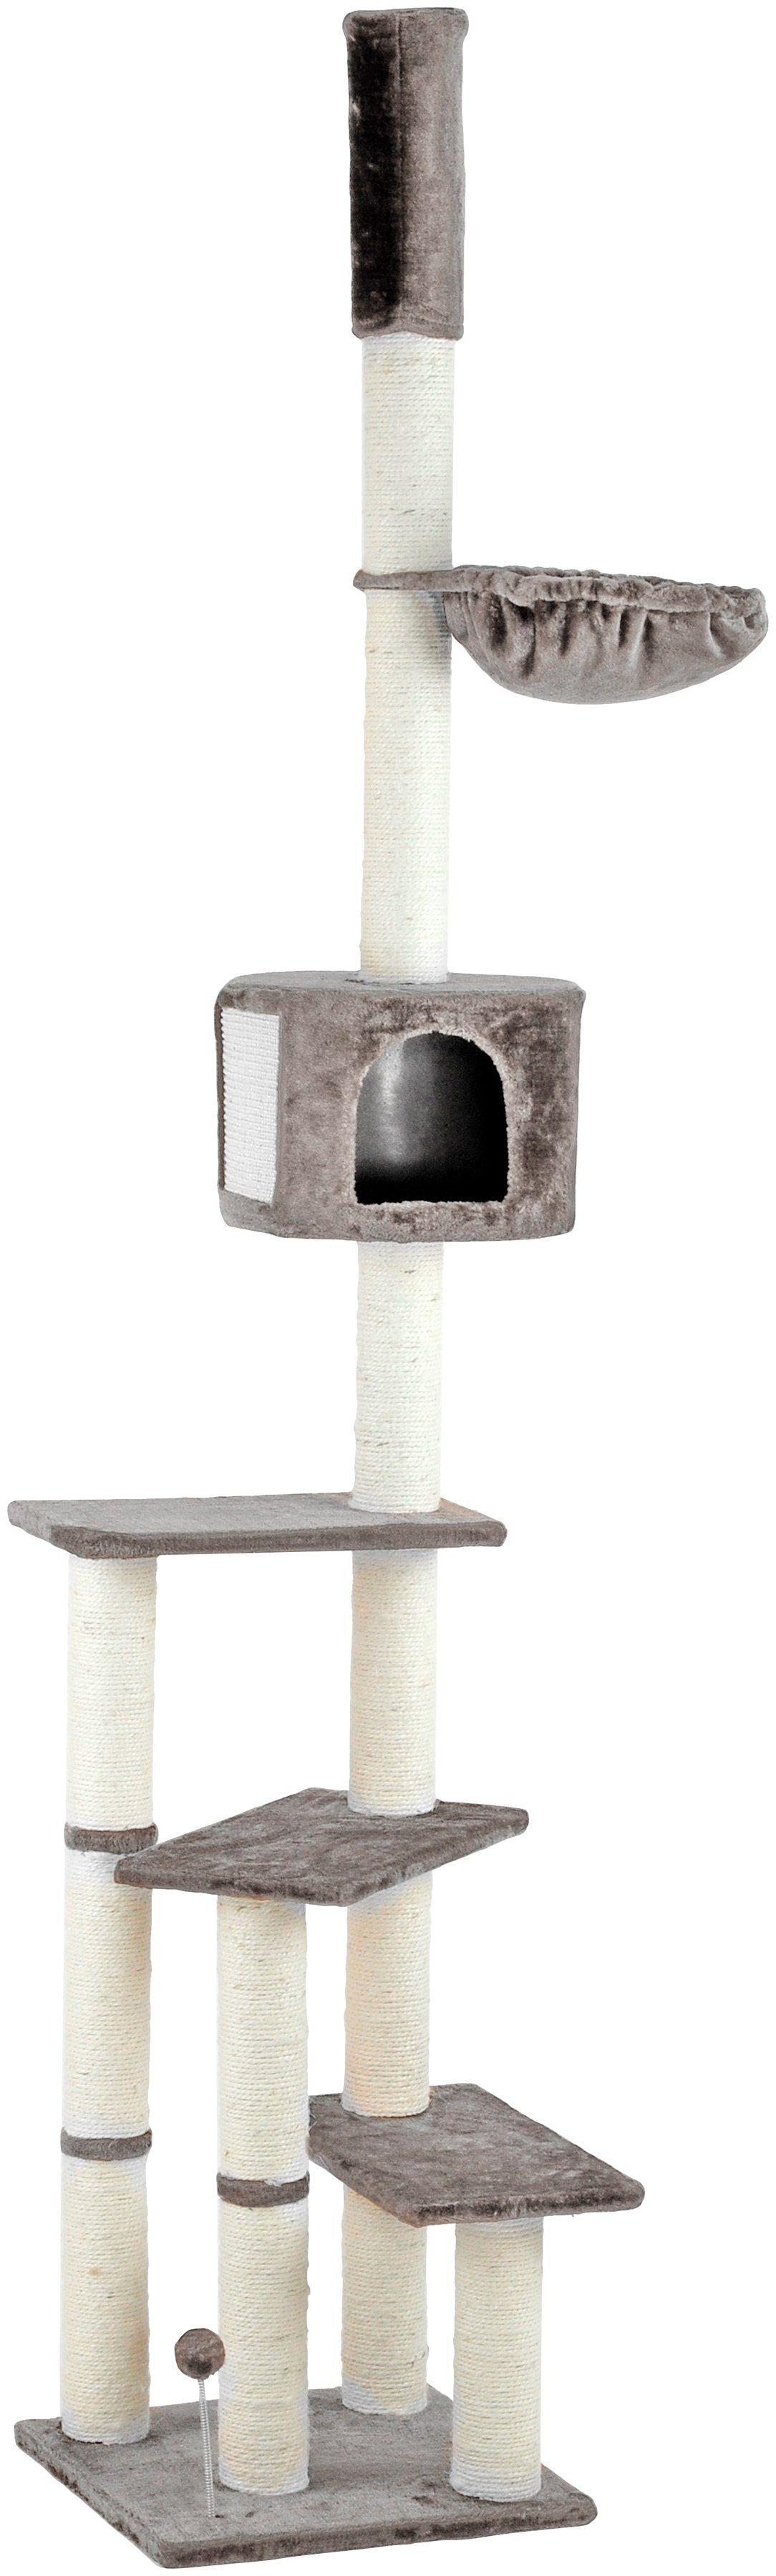 SILVIO DESIGN Kratzbaum-Deckenspanner »Kitty«, B/T/H: 45/45/240-260 cm, grau